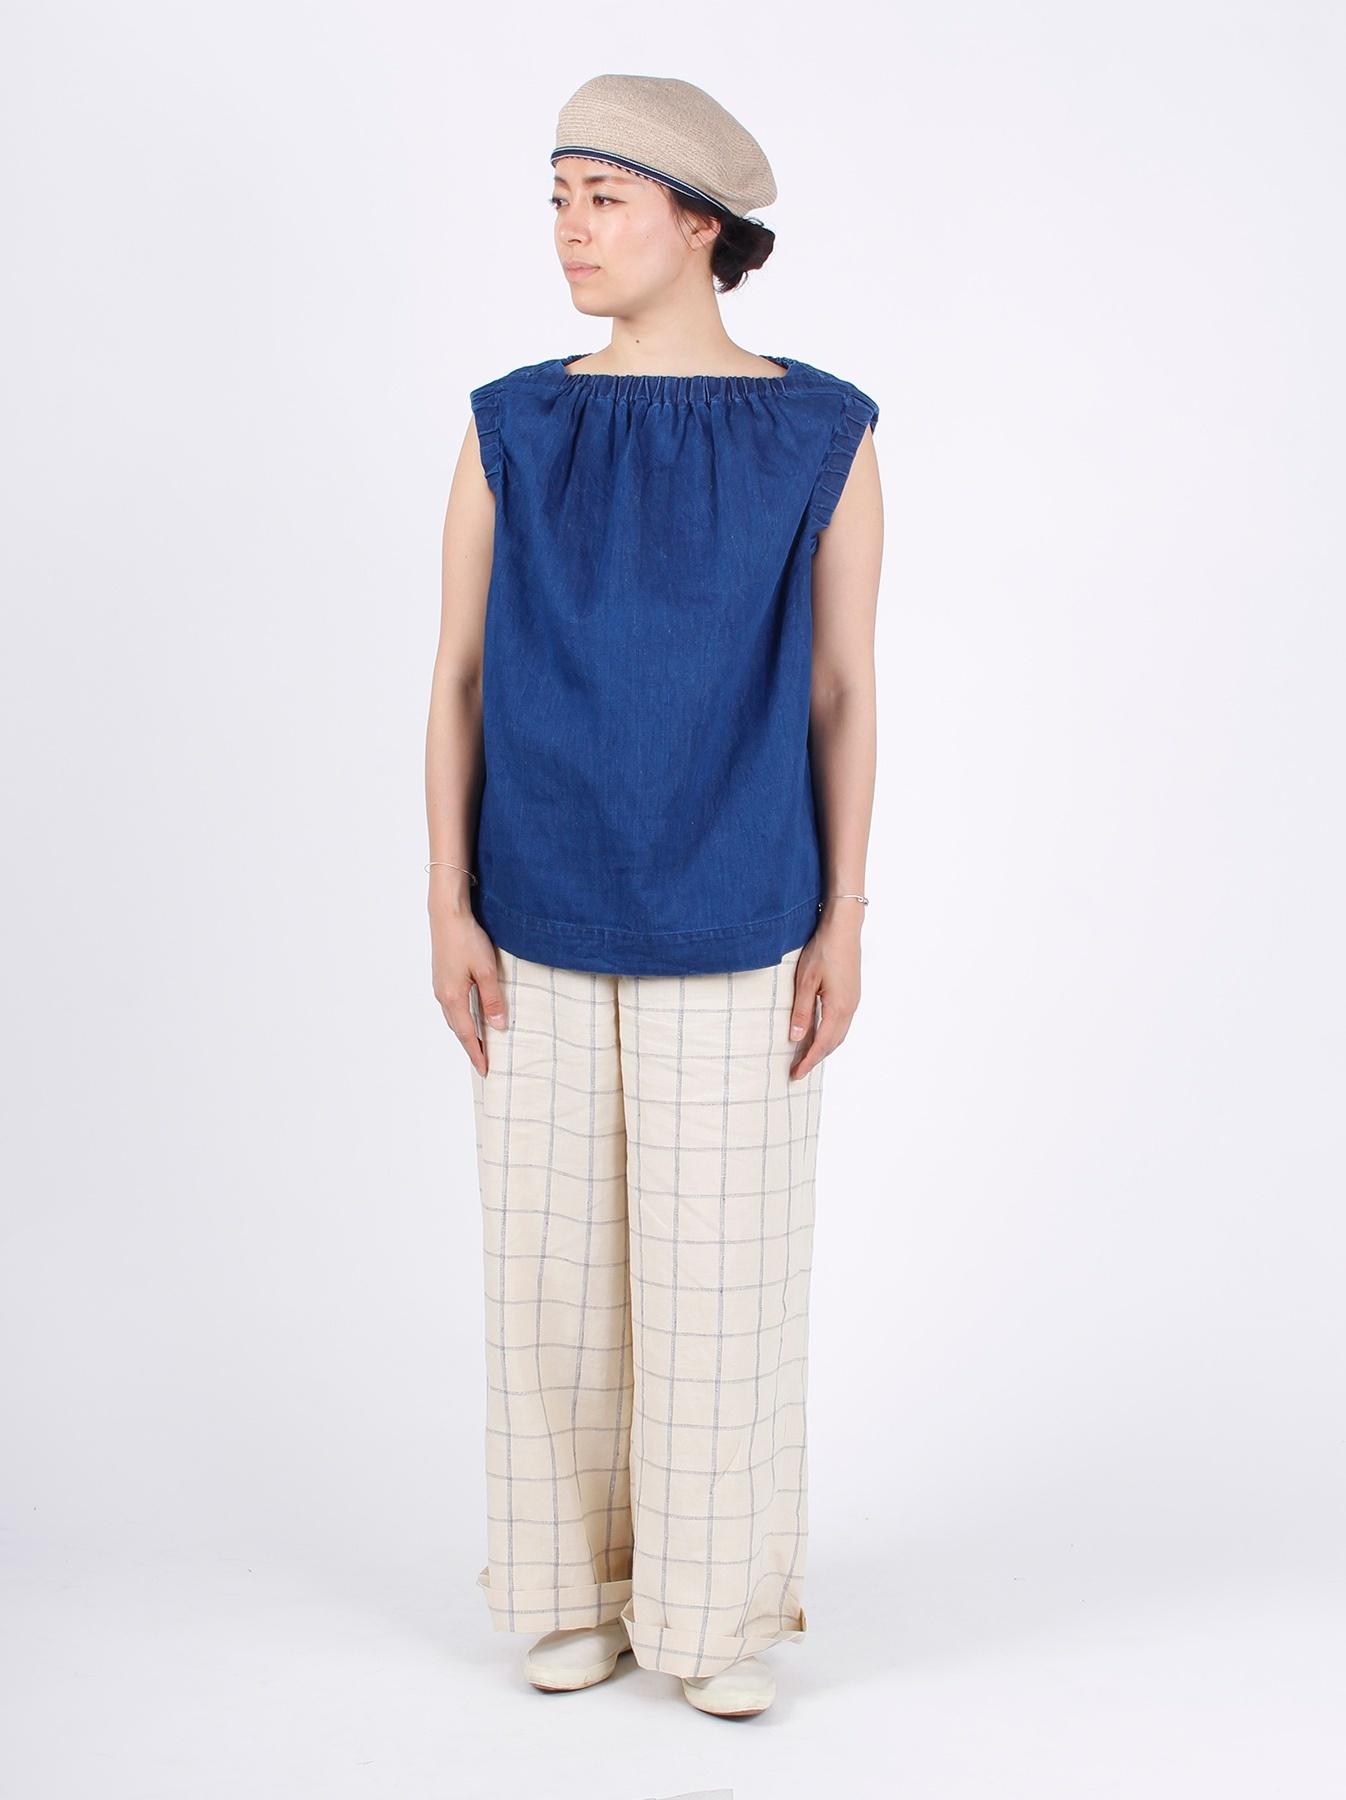 WH Cotton-linen Denim Camisole-3